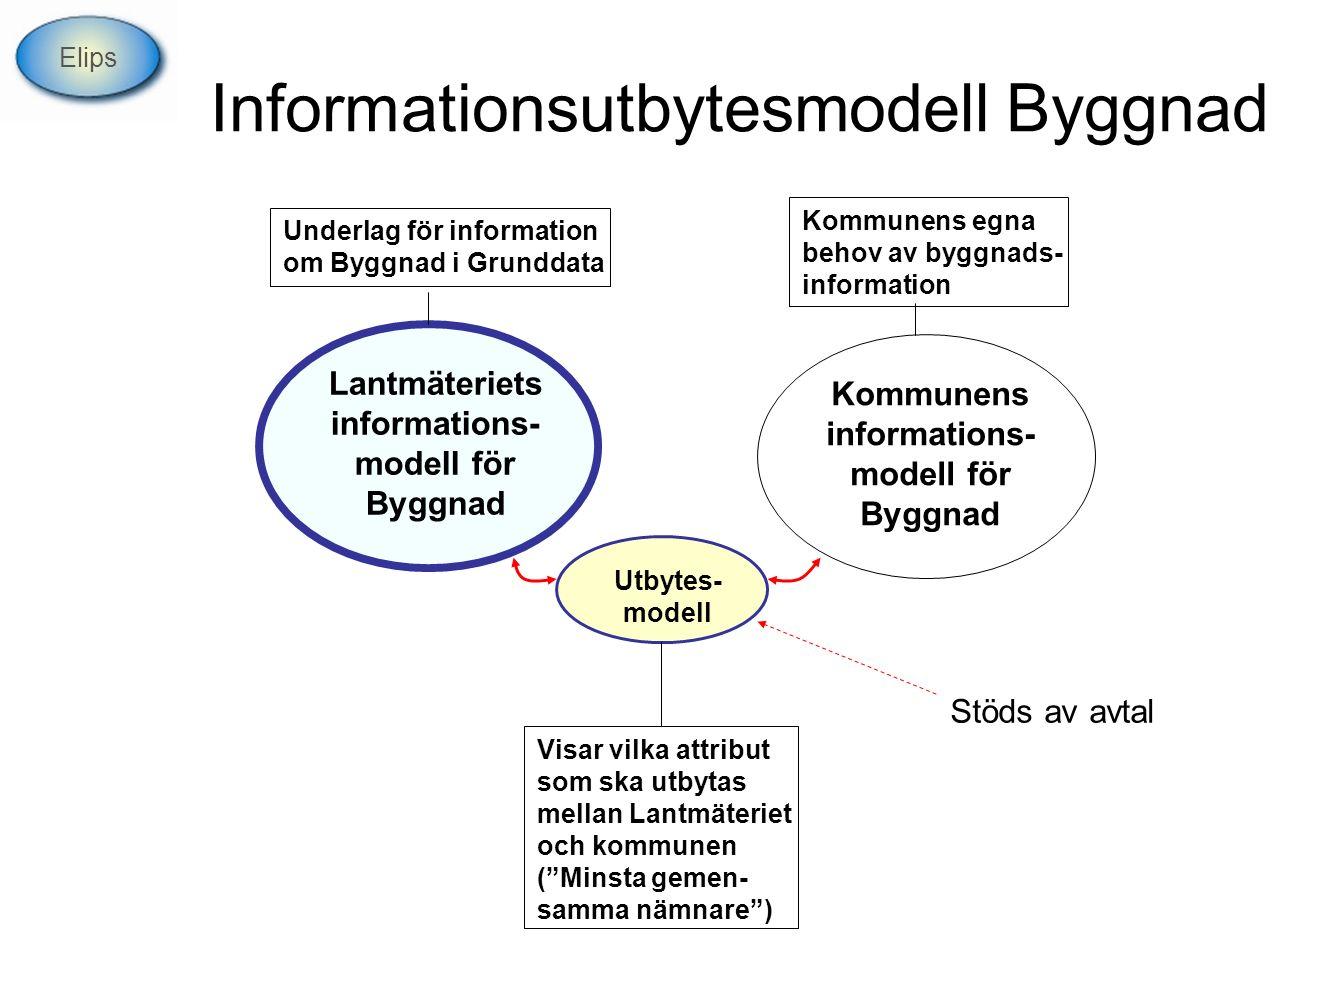 Informationsutbytesmodell Byggnad Lantmäteriets informations- modell för Byggnad Kommunens informations- modell för Byggnad Kommunens egna behov av by